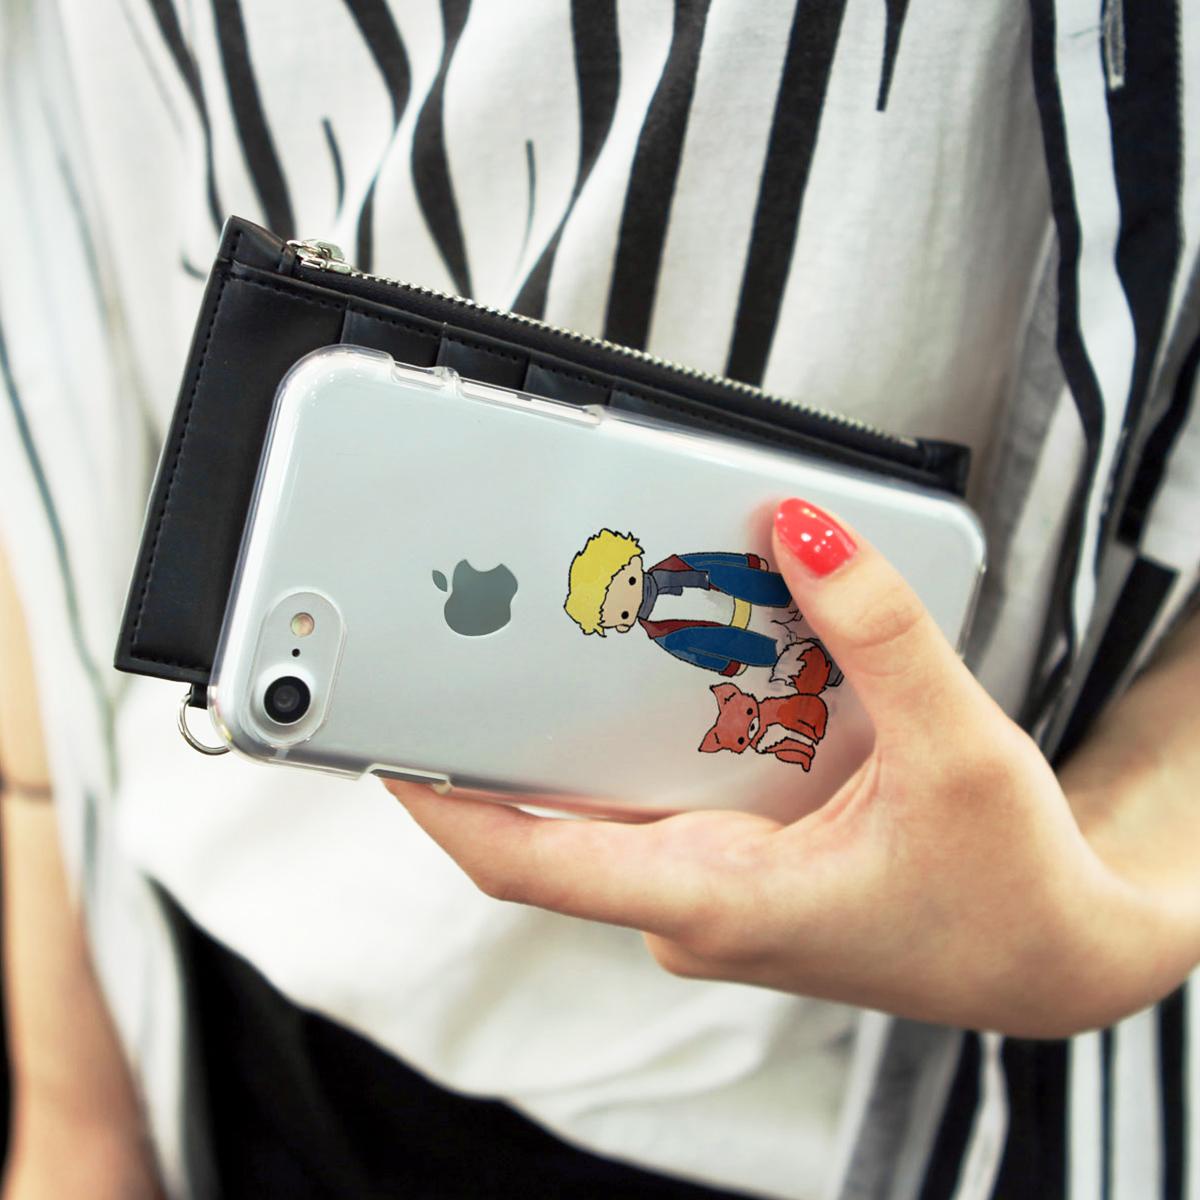 iPhone 8 / 7ケース Dparks ソフトクリアケース リトルプリンス バラ キツネ (ディーパークス) アイフォン カバー バータイプ